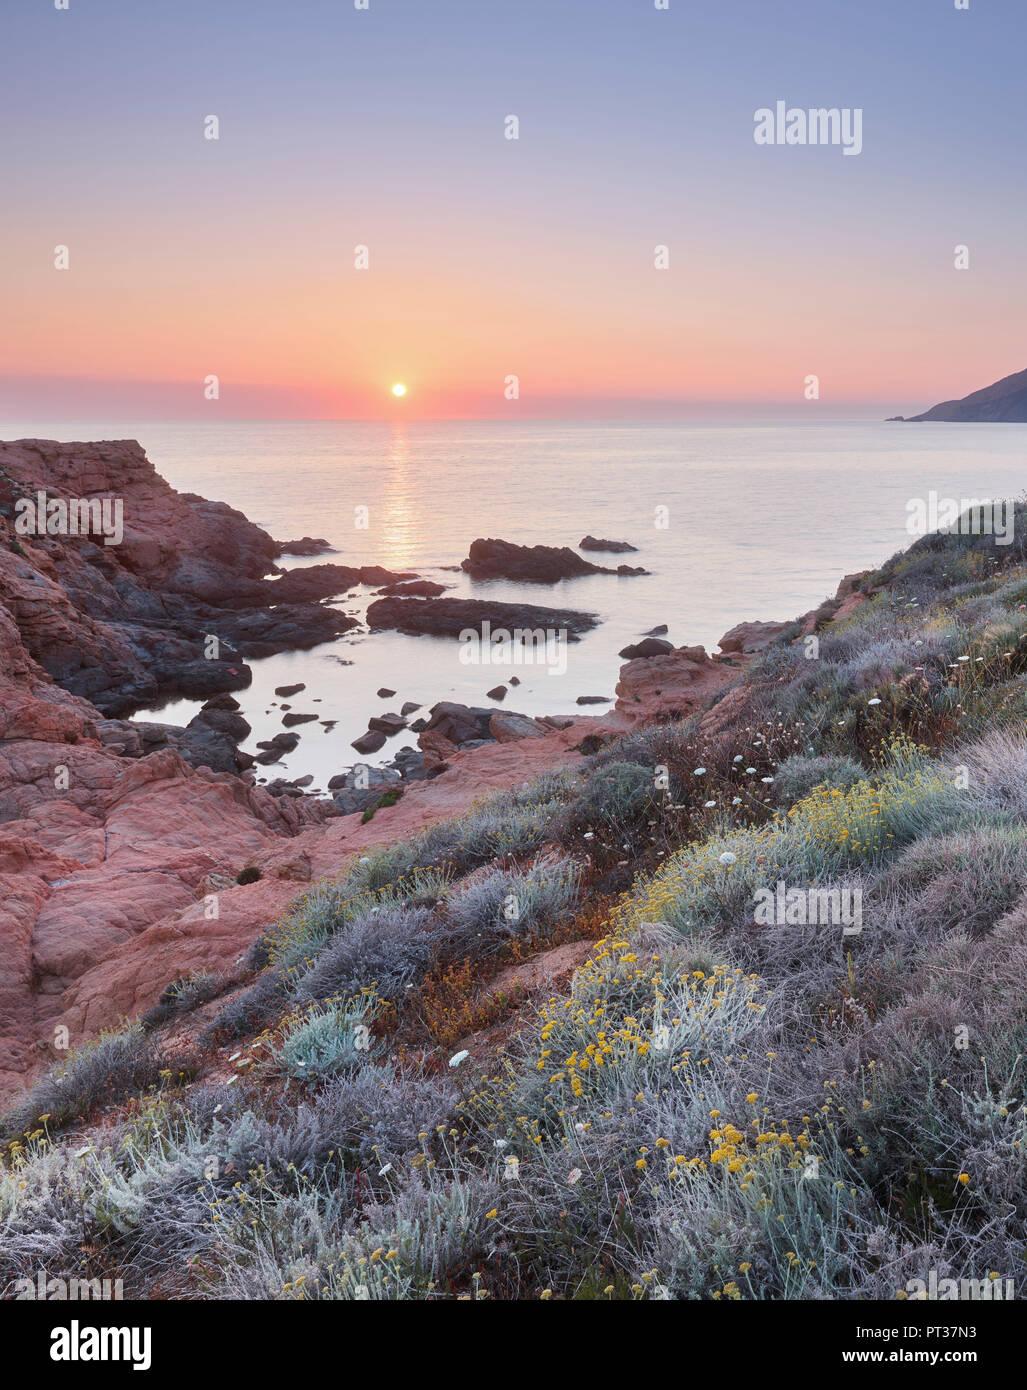 L'humeur du soir à Capu Rossu, d'Arone, Corse, France Banque D'Images